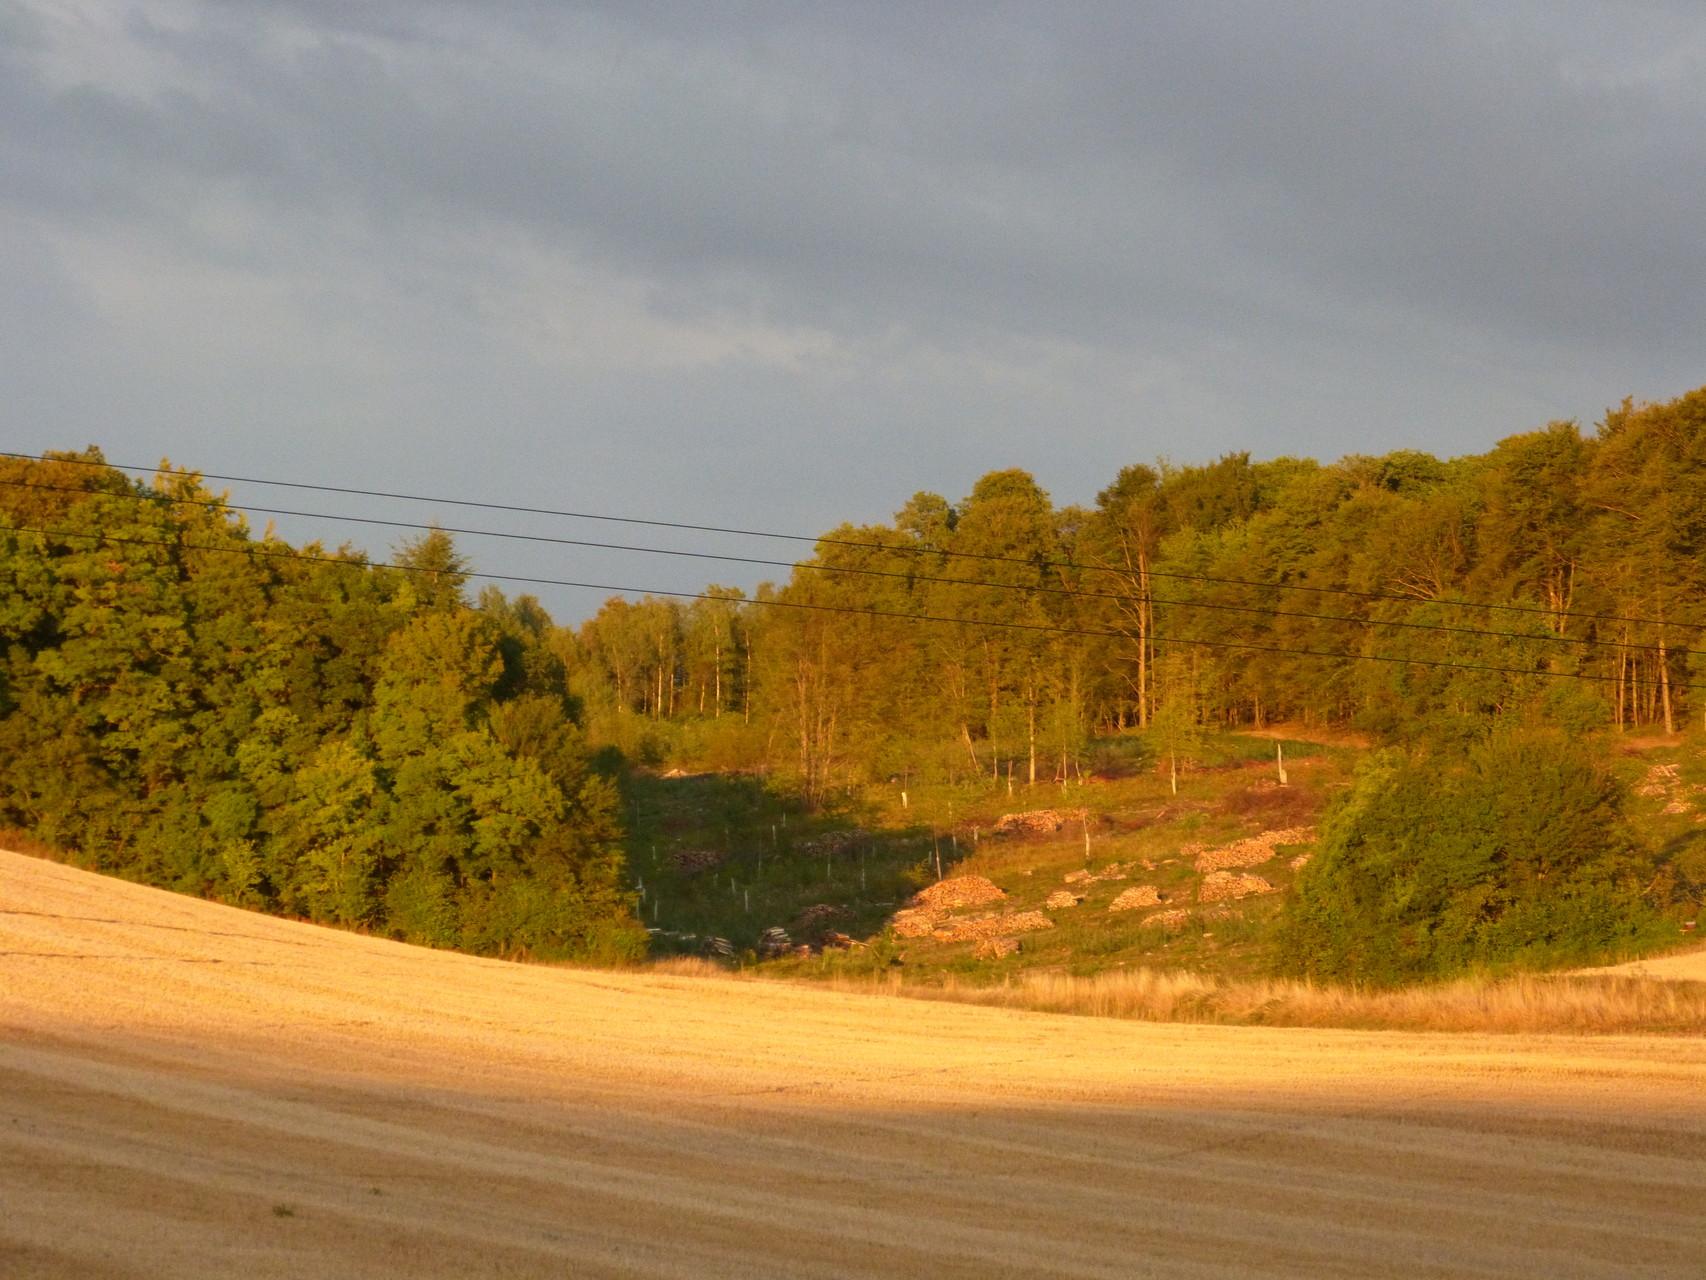 coucher de soleil sur la forêt en exploitation automne 2015